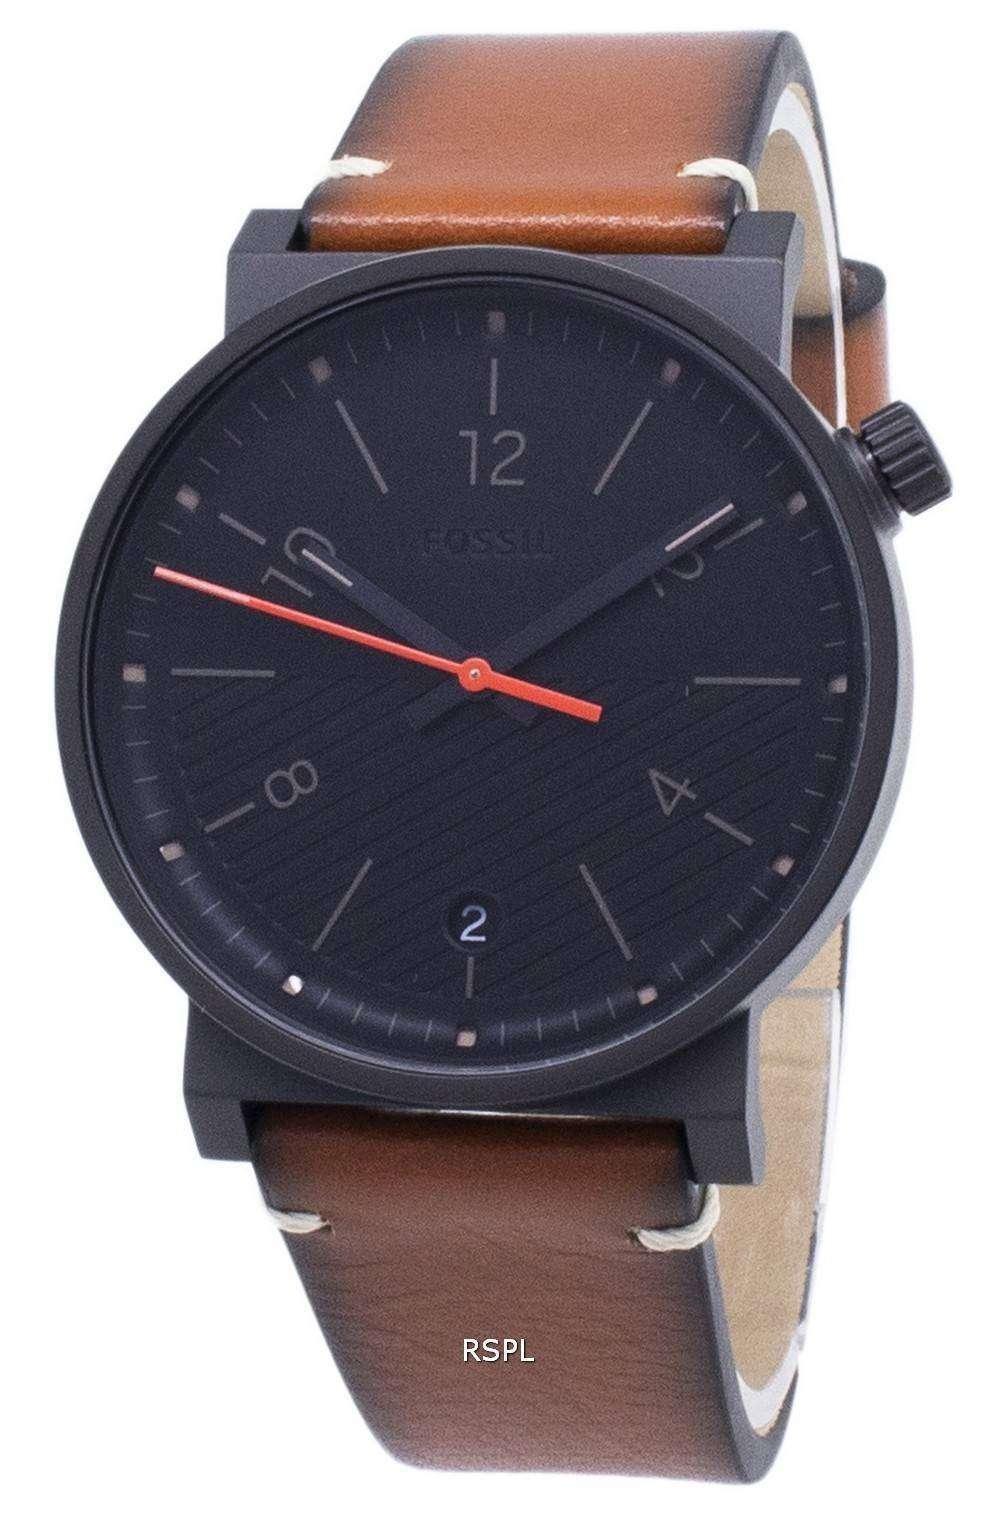 화석 바 스토 FS5507 쿼 츠 아날로그 남성용 손목시계